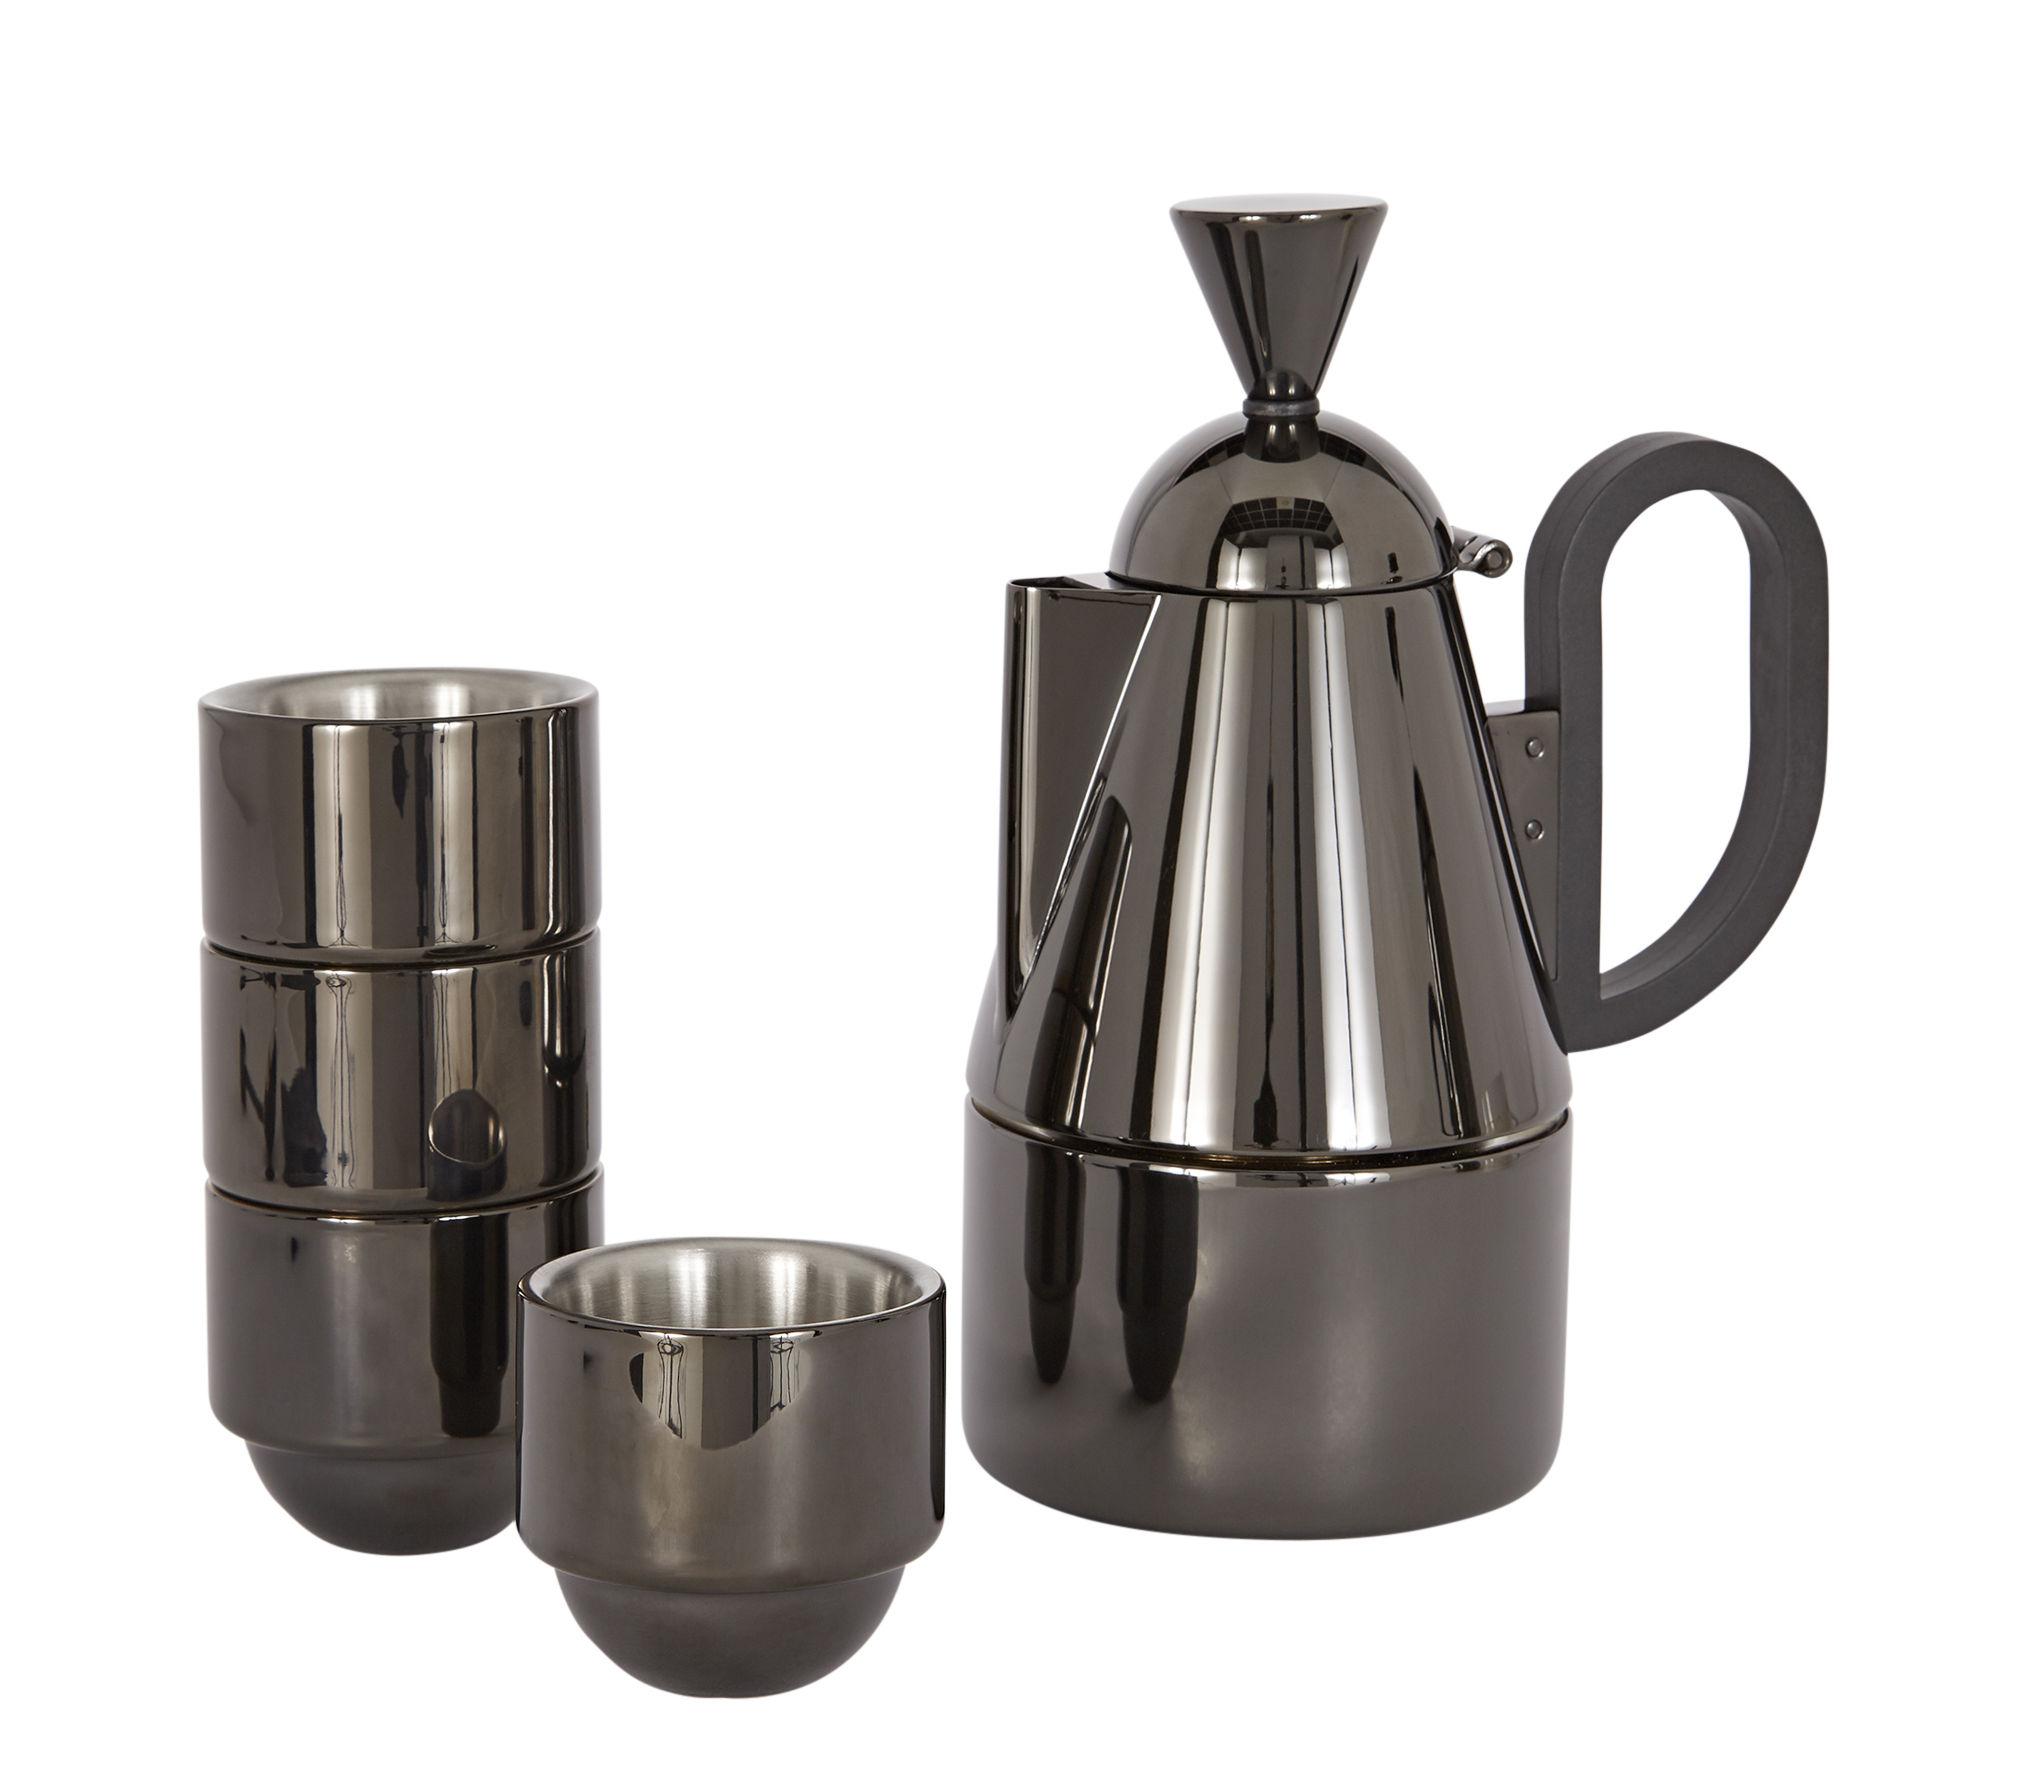 Cuisine - Cafetières - Cafetière italienne Brew / + 4 tasses - Tom Dixon - Noir métallisé - Acier inoxydable